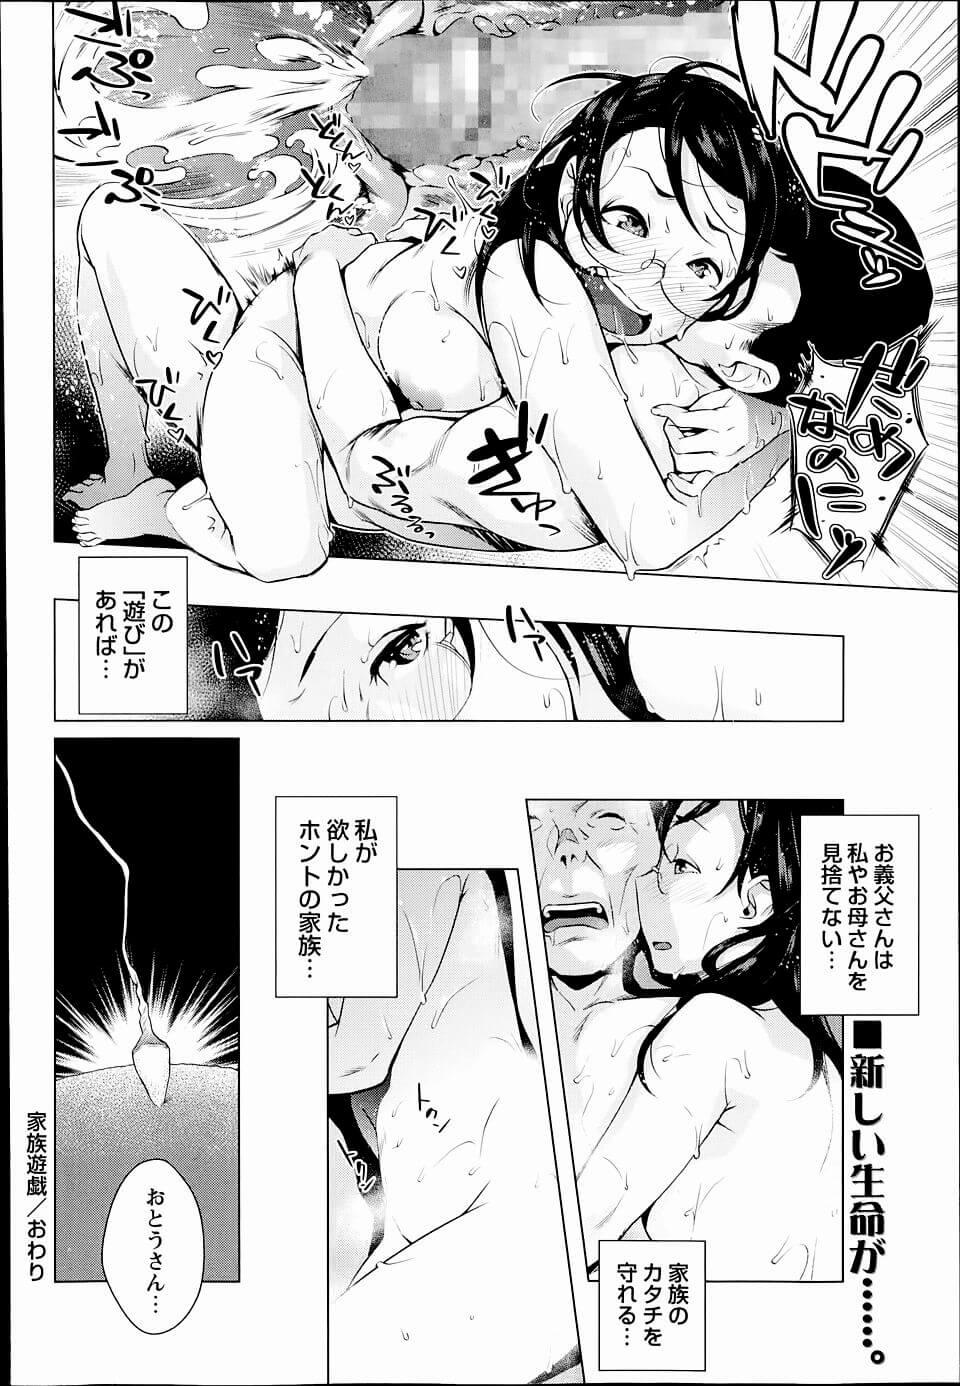 【エロ漫画】義娘のパンツを嗅いだことがバレてしまい義娘とイビツな関係に…【無料 エロ同人】 (20)